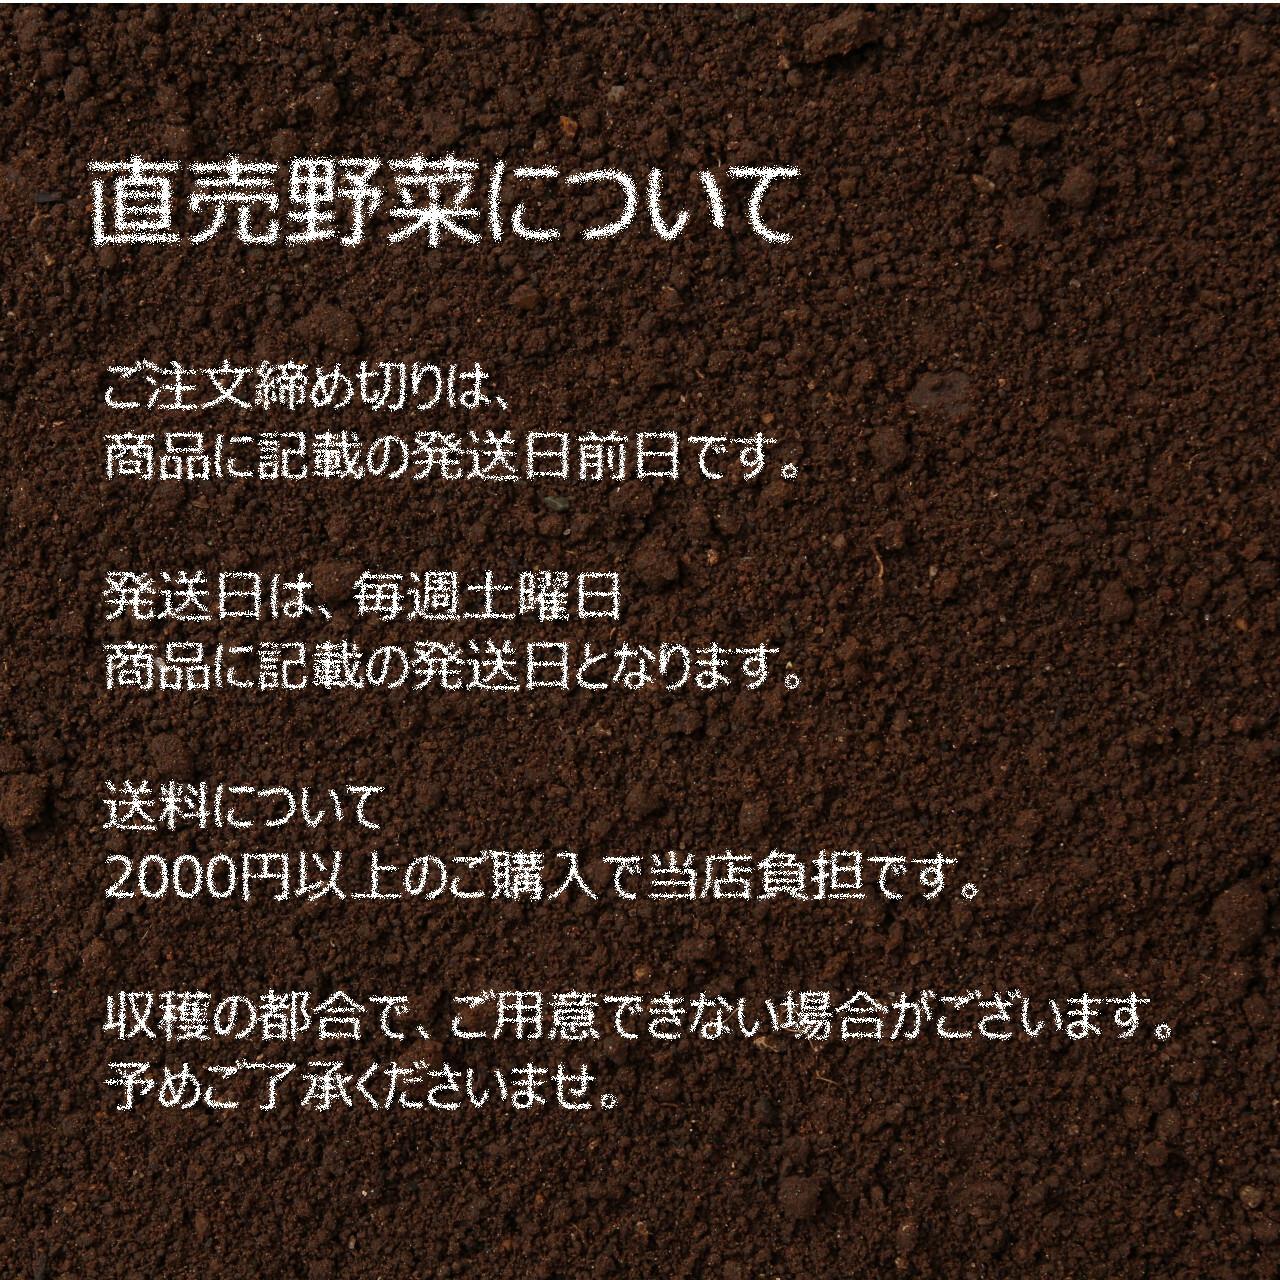 11月の朝採り直売野菜 : ニンニク 約1~2個 新鮮な秋野菜 11月16日発送予定